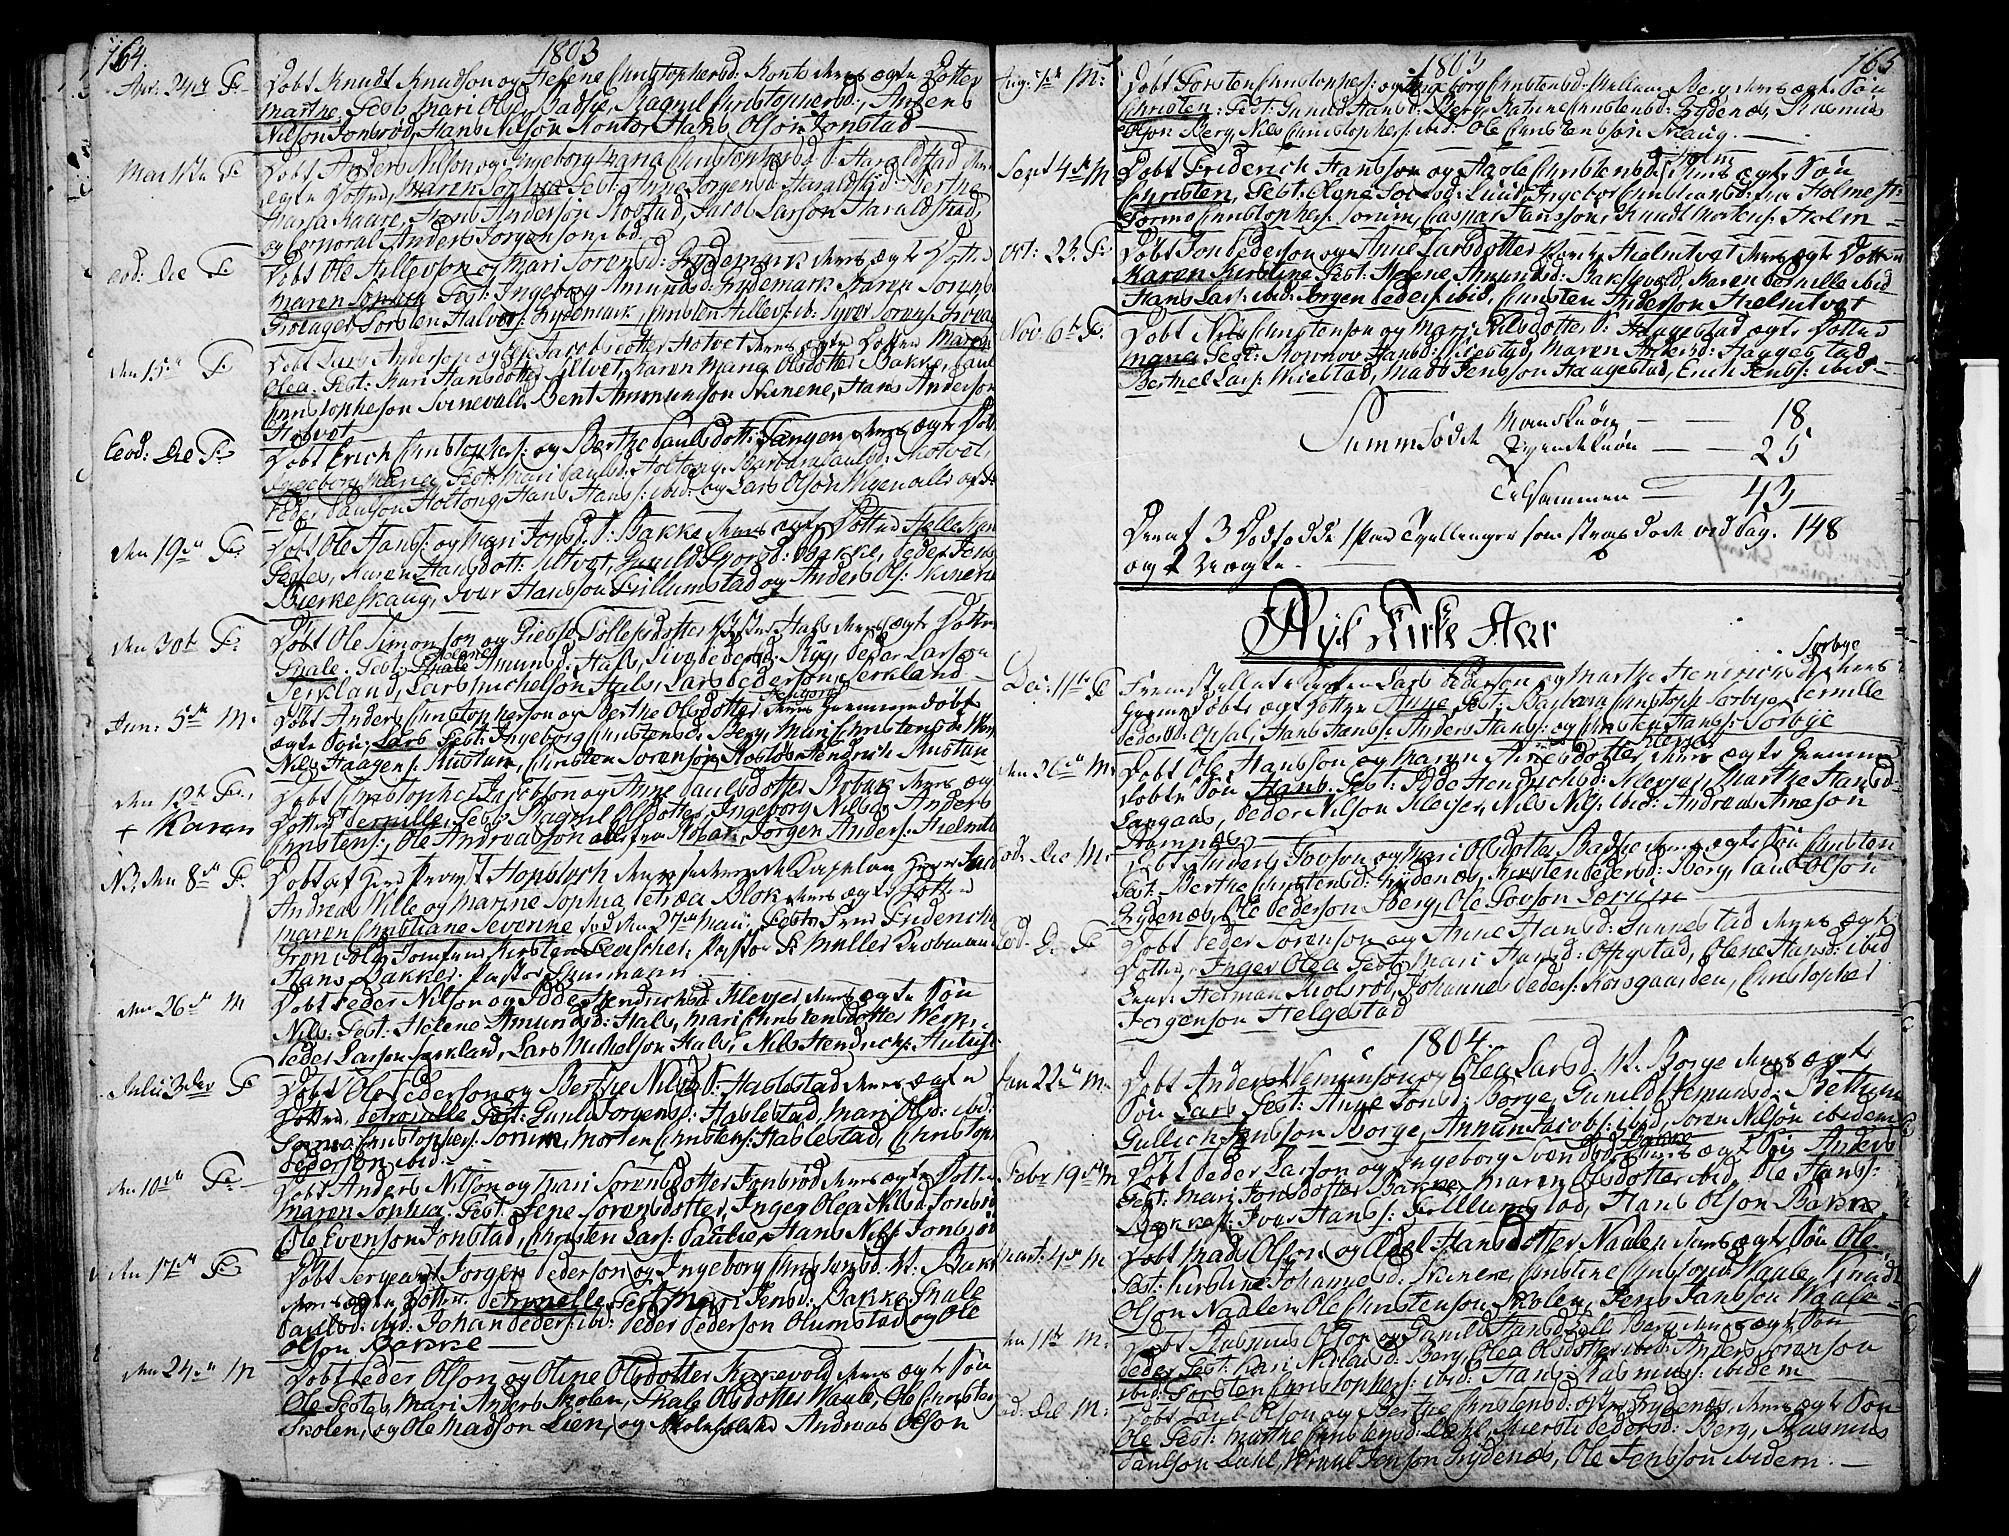 SAKO, Våle kirkebøker, F/Fa/L0005: Ministerialbok nr. I 5, 1773-1808, s. 164-165